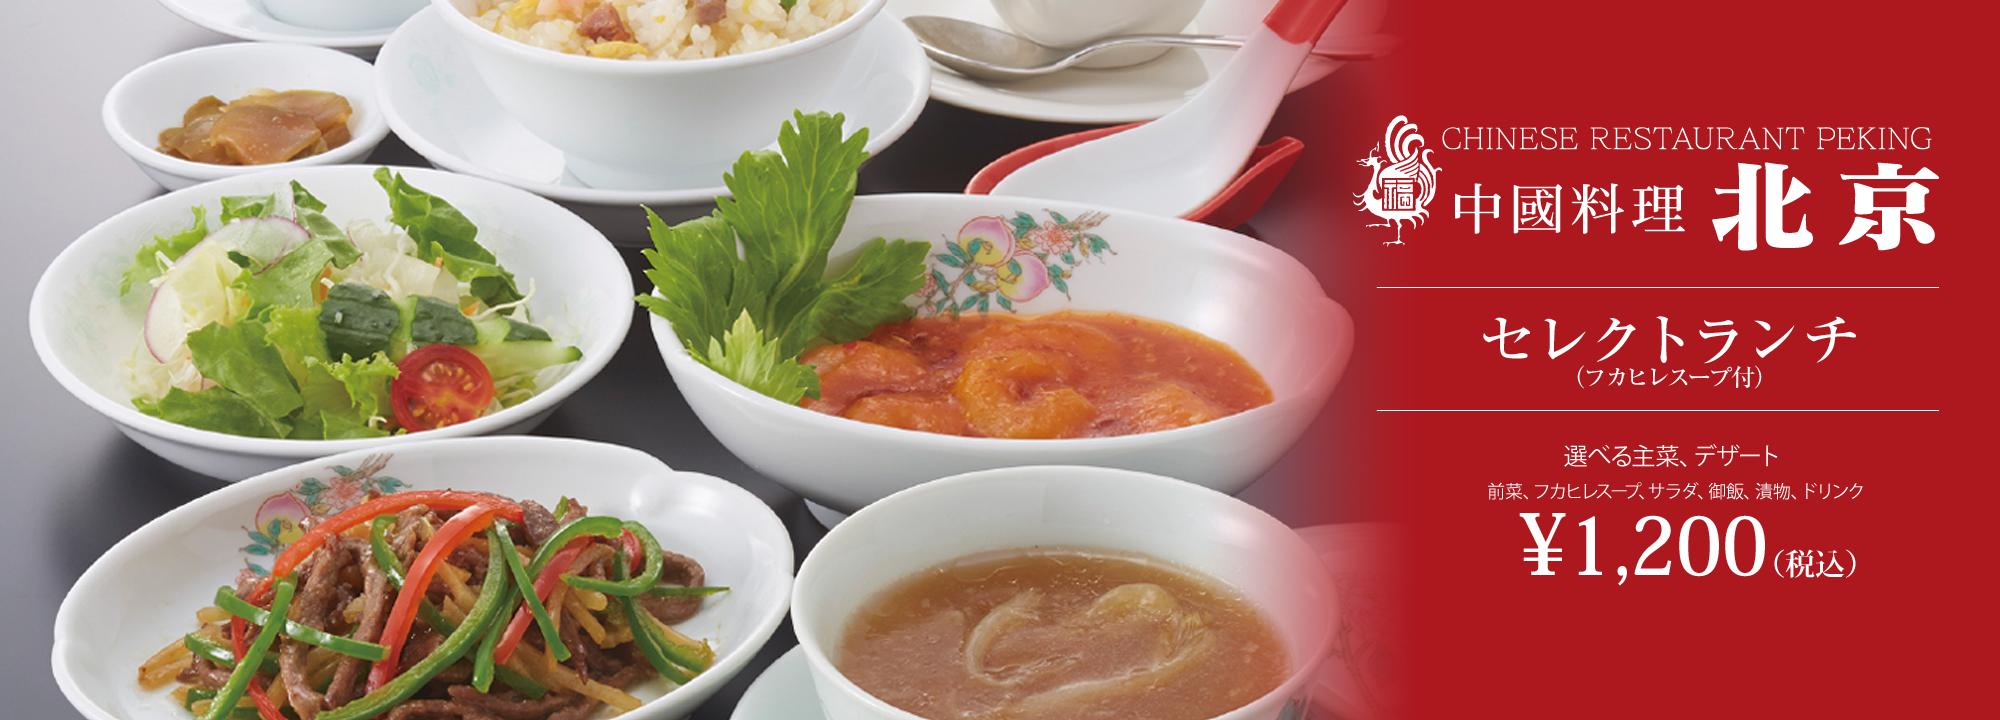 中國料理 北京 セレクトランチ